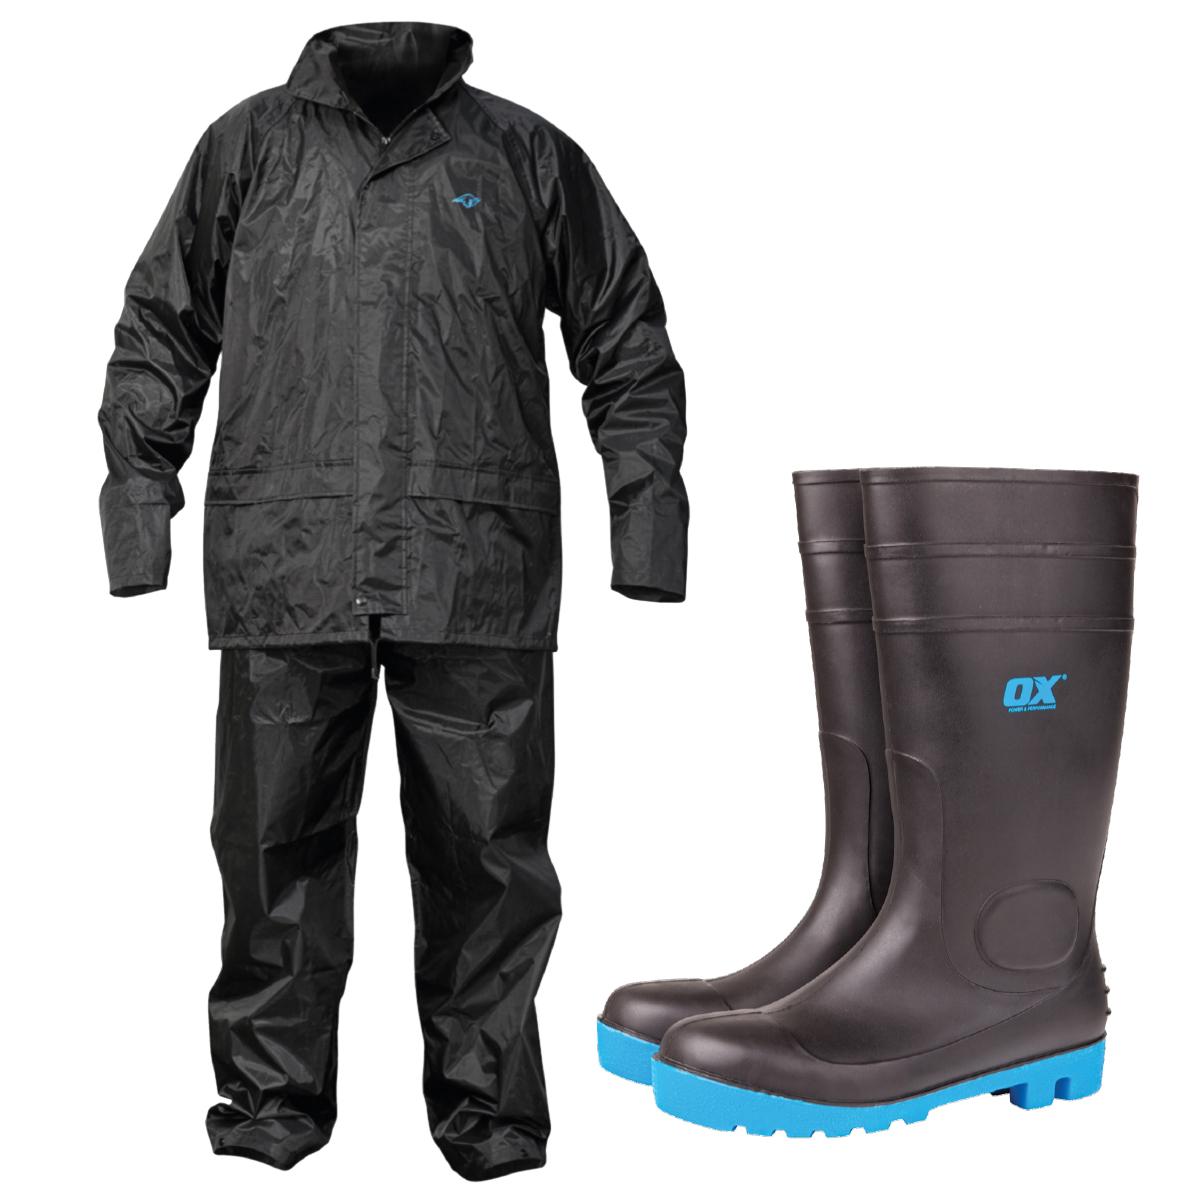 Rainsuit and wellington boots